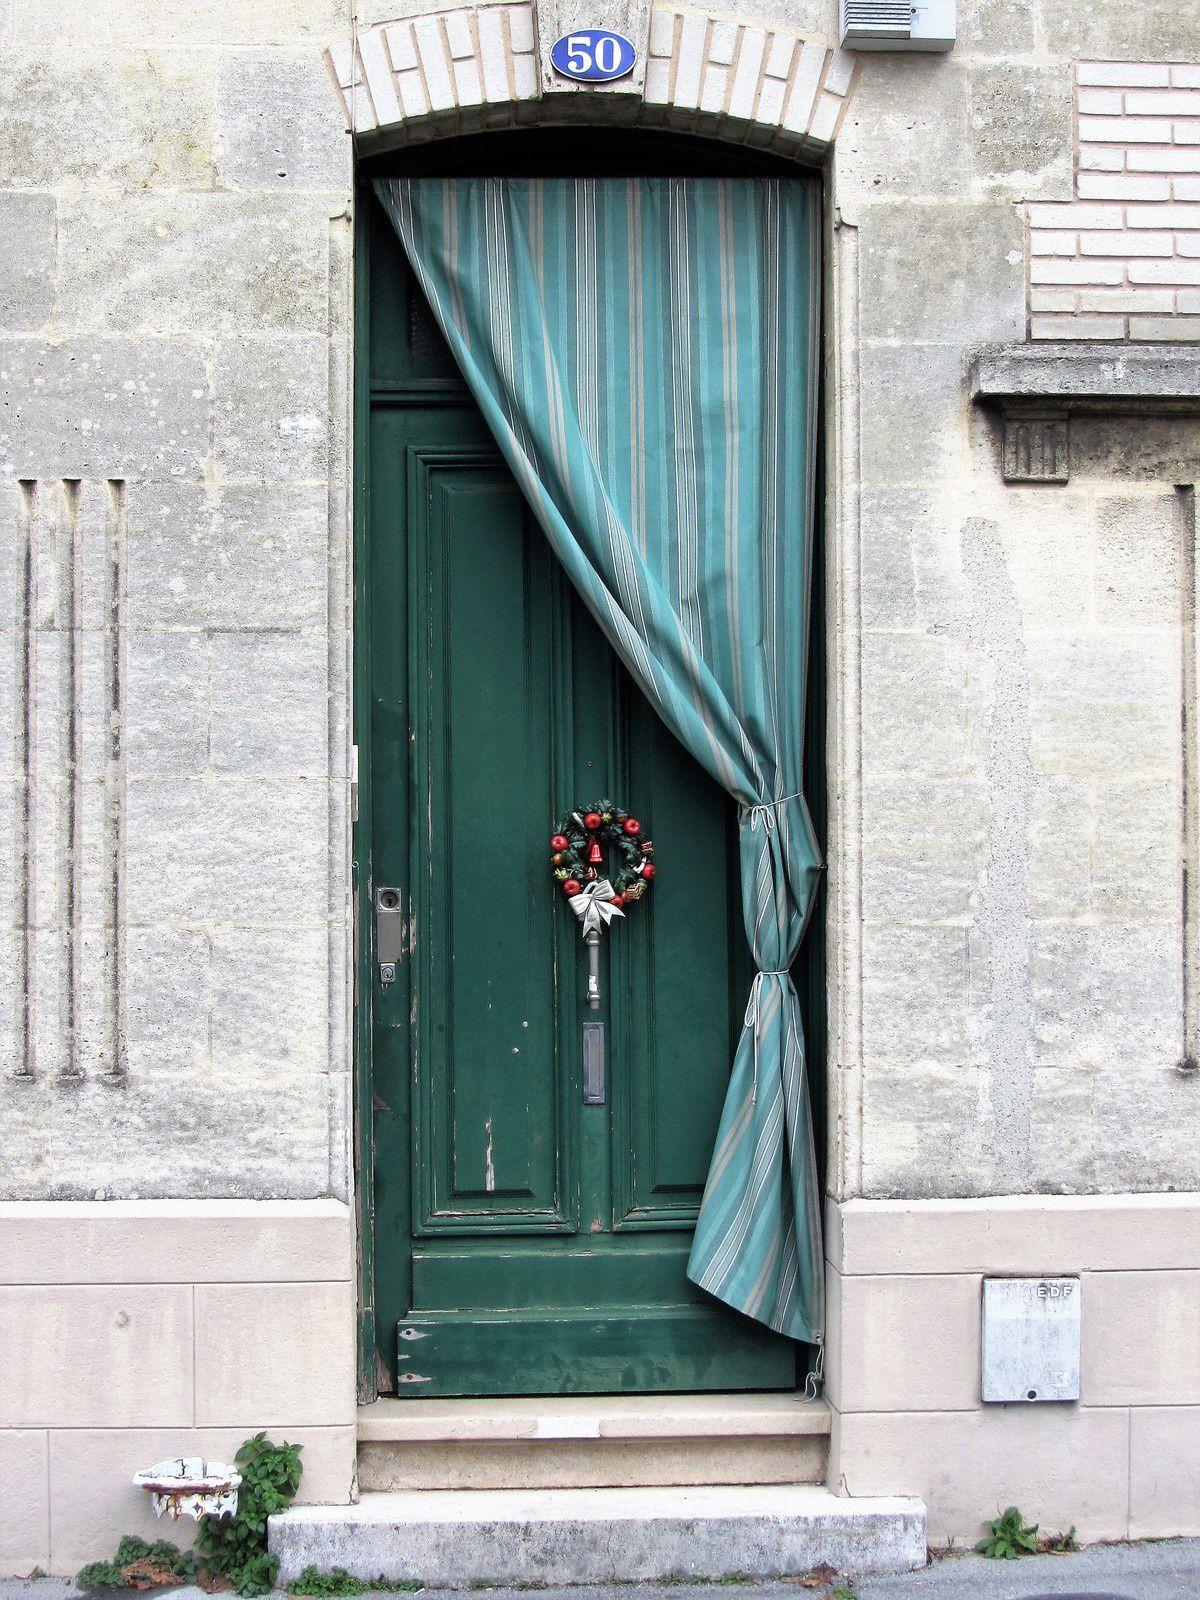 J'ai également noté que les beaucoup de portes étaient protégées de rideaux. La seule explication que j'ai pu trouver était que c'est pour protéger la porte des intempéries et de la pollution. Mais les bordelais auront peut être un autre explication à donner ??? Avis aux Bordelais de passage sur le blog.